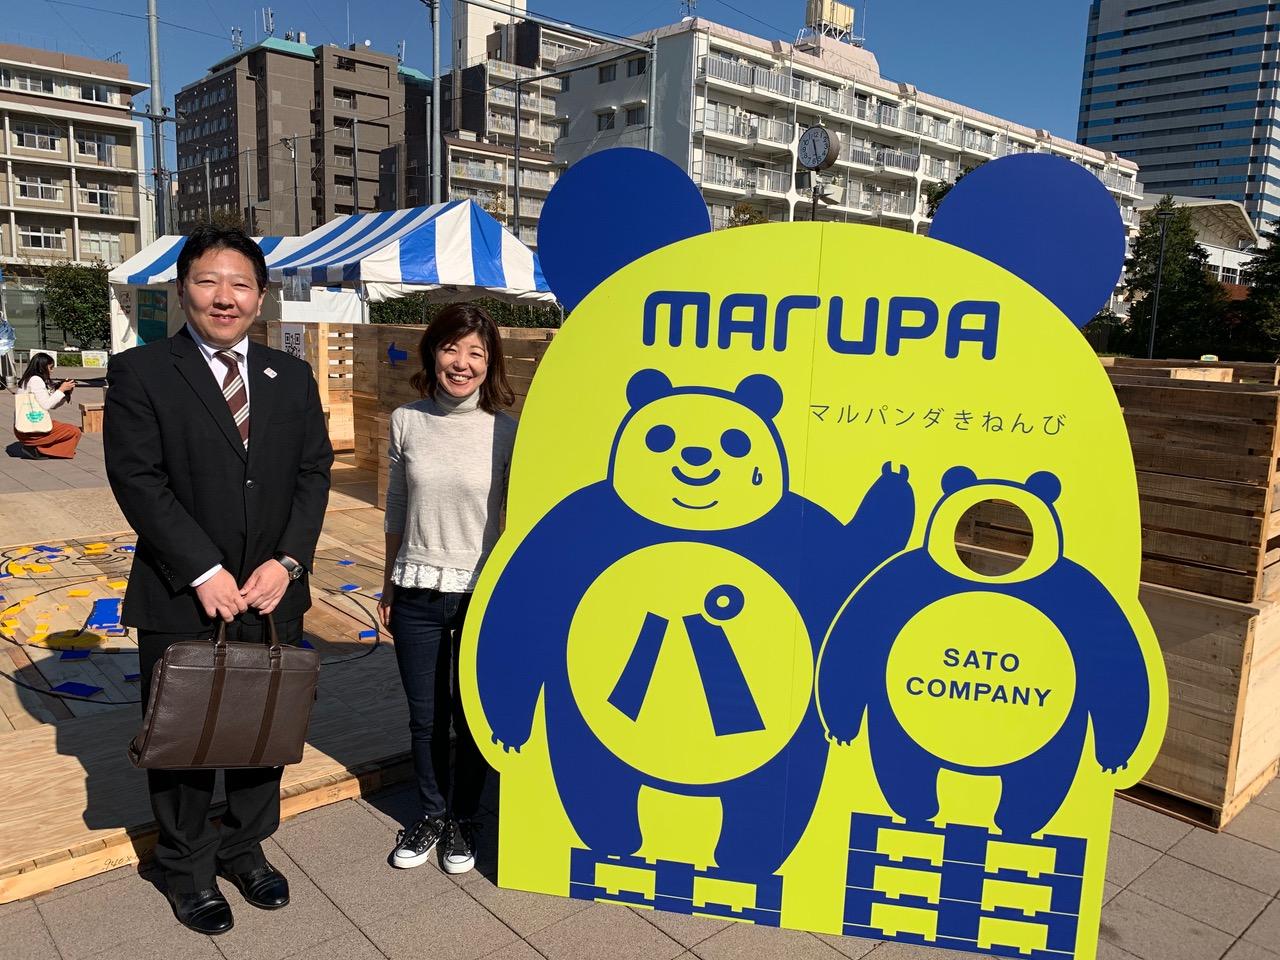 マルパンダ書き割り出現!中野区長も迷路チャレンジしてくださいました。